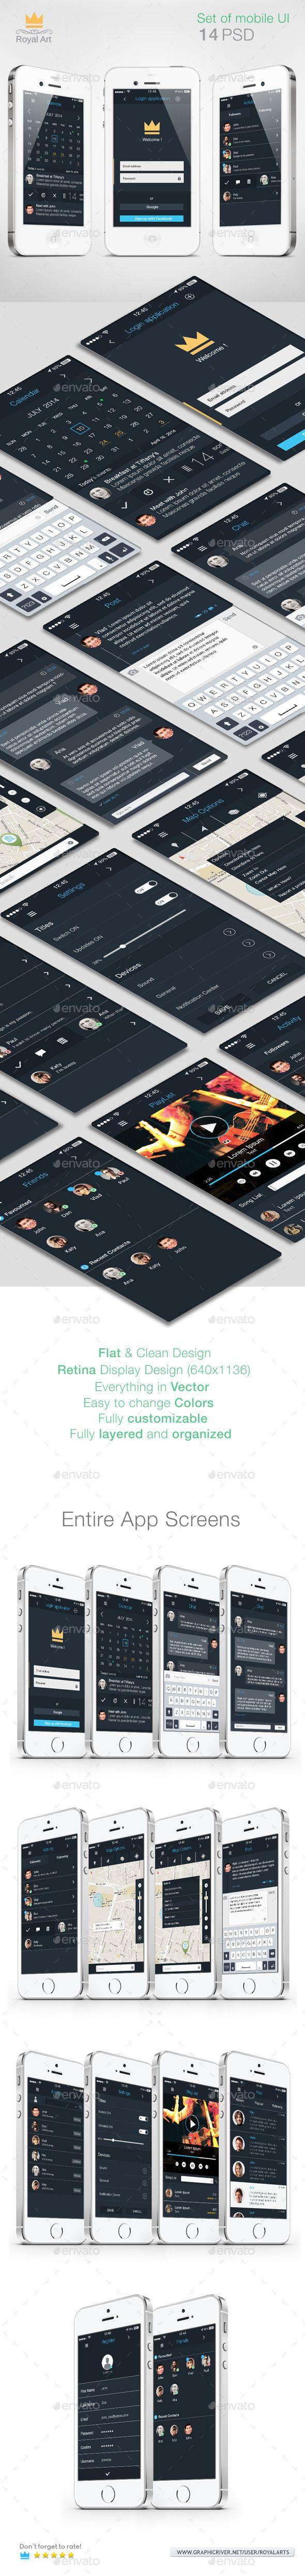 Mobile UI KIT Flat (User Interfaces)